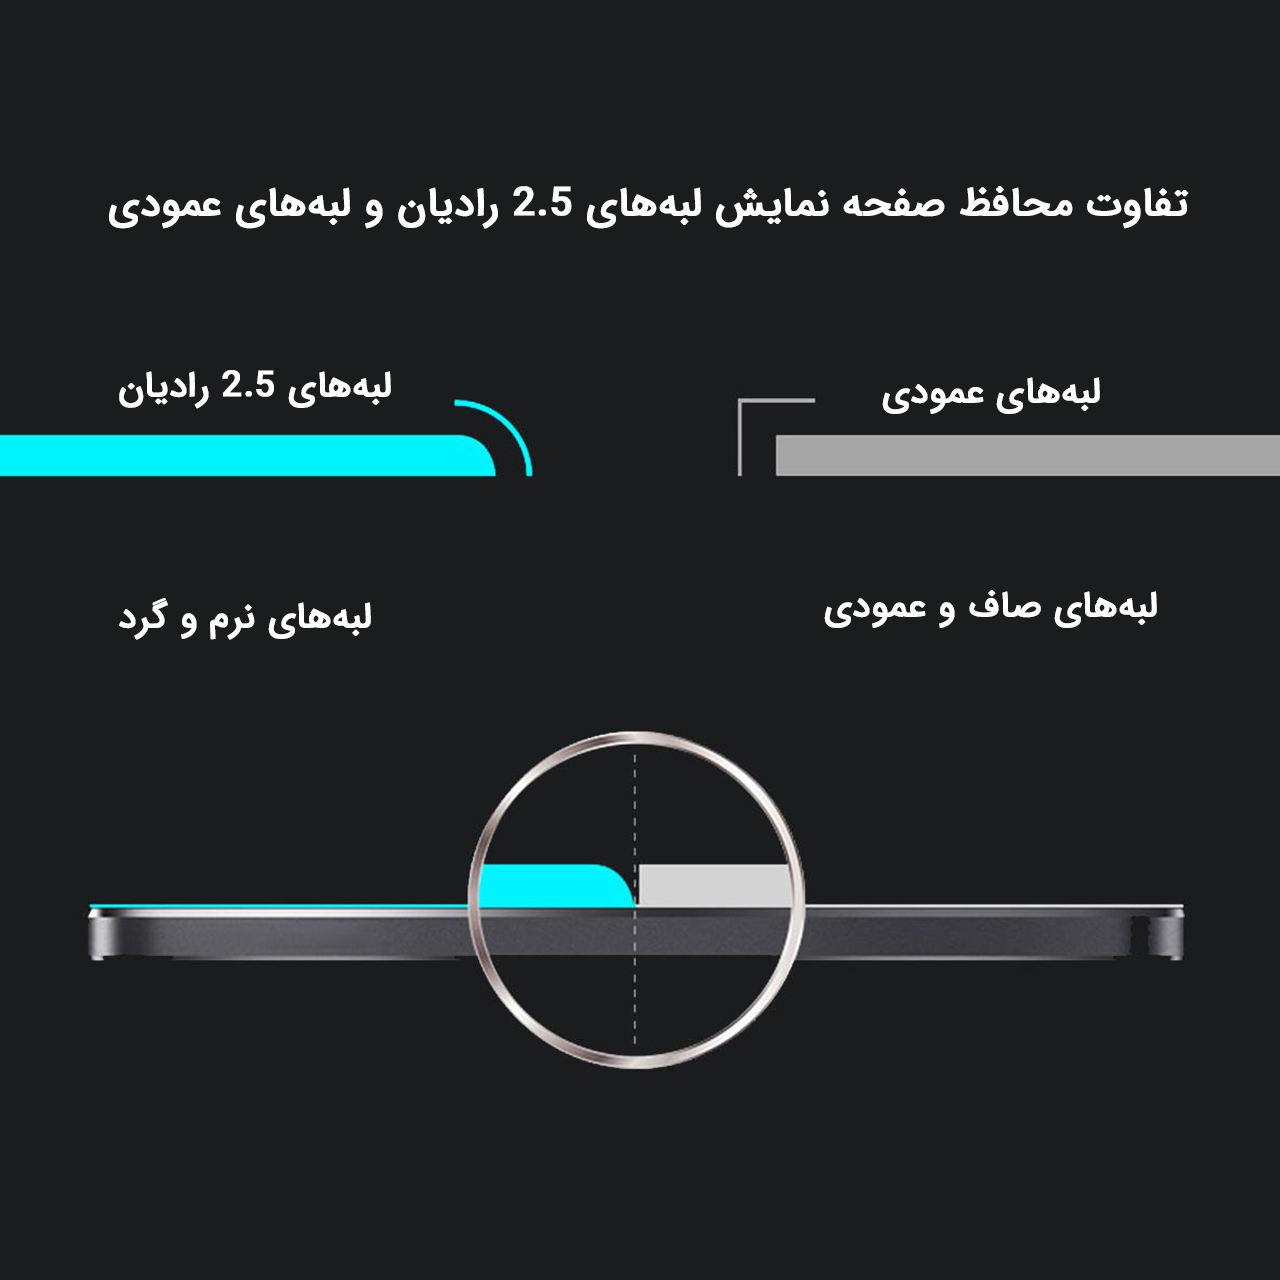 محافظ صفحه نمایش مورفی مدل GL3 مناسب برای گوشی موبایل شیائومی Poco F2